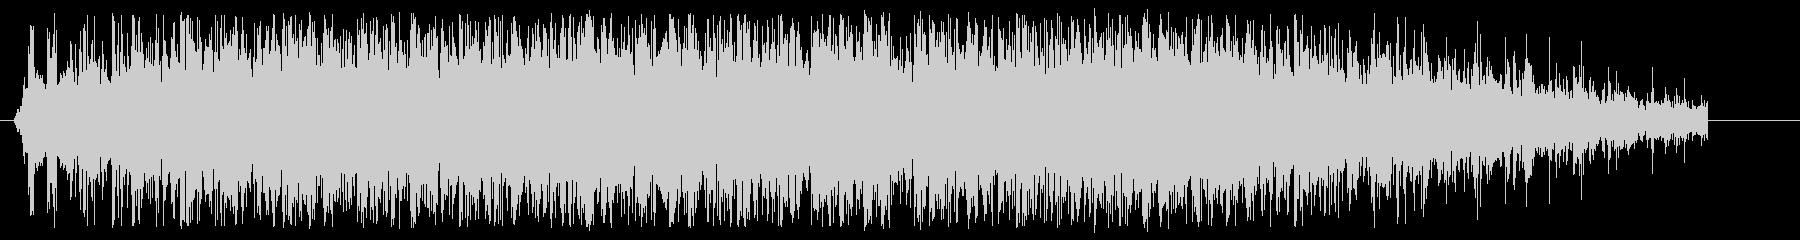 シンプルな拍手(大人数)の音ですの未再生の波形